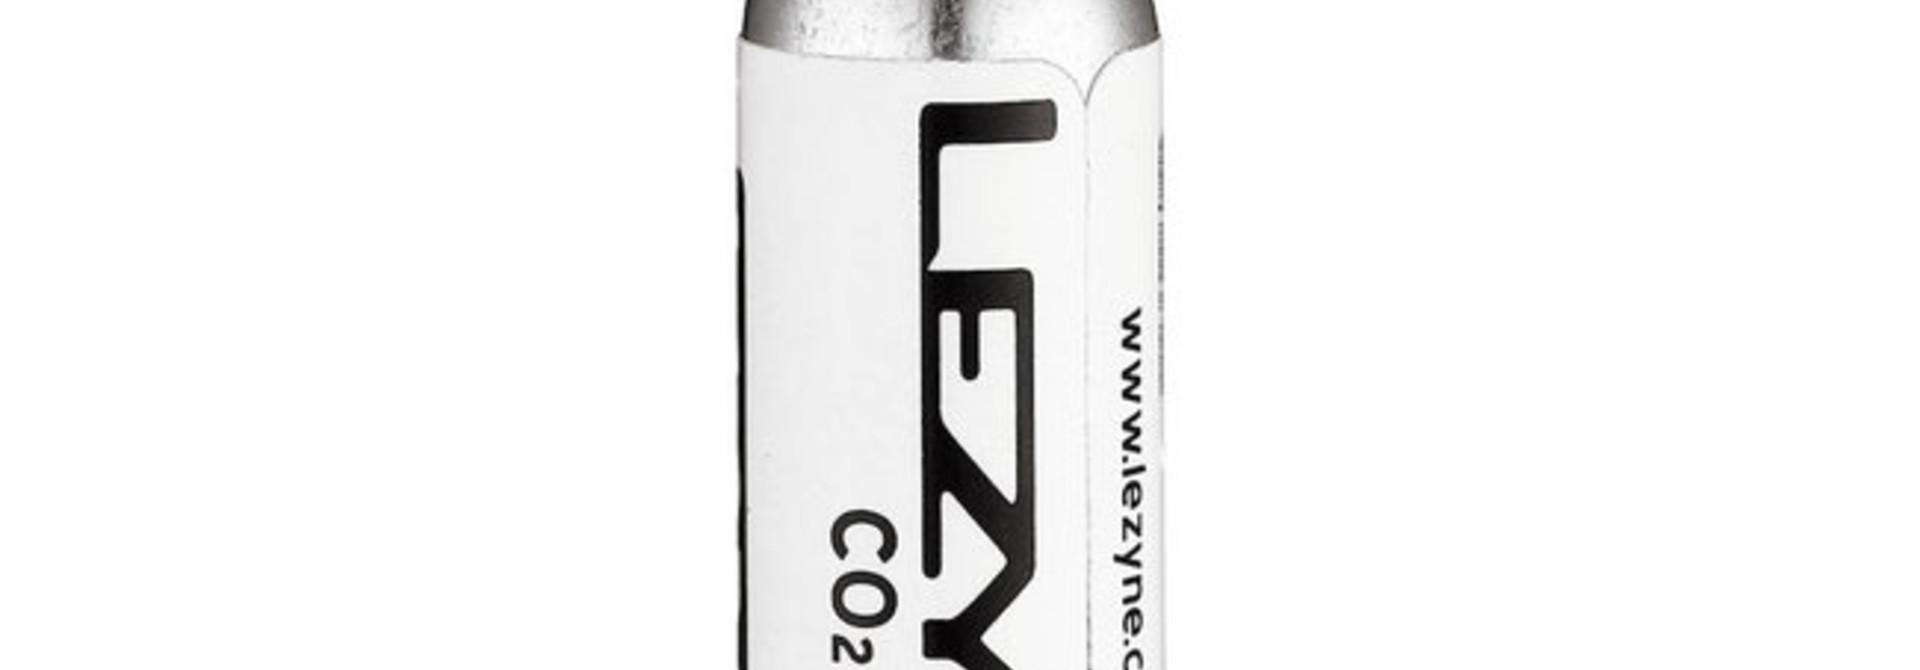 Lezyne, Threaded CO2 Refill Cartridge